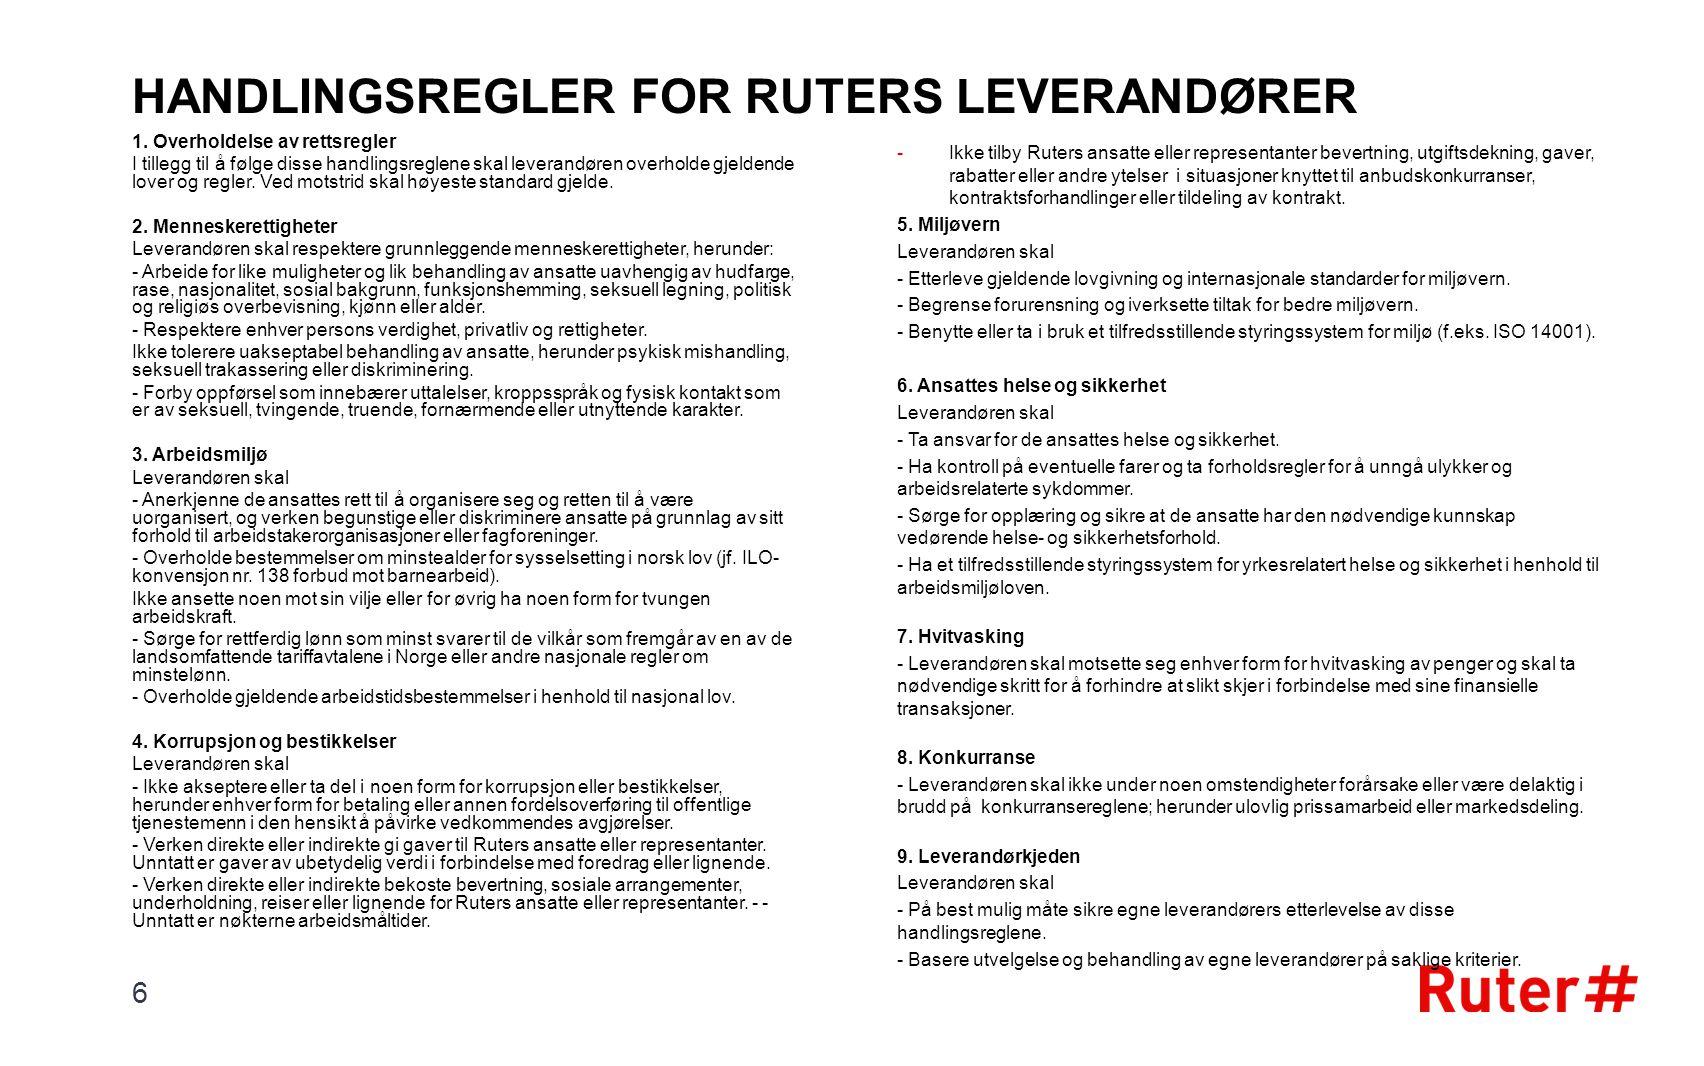 HANDLINGSREGLER FOR RUTERS LEVERANDØRER